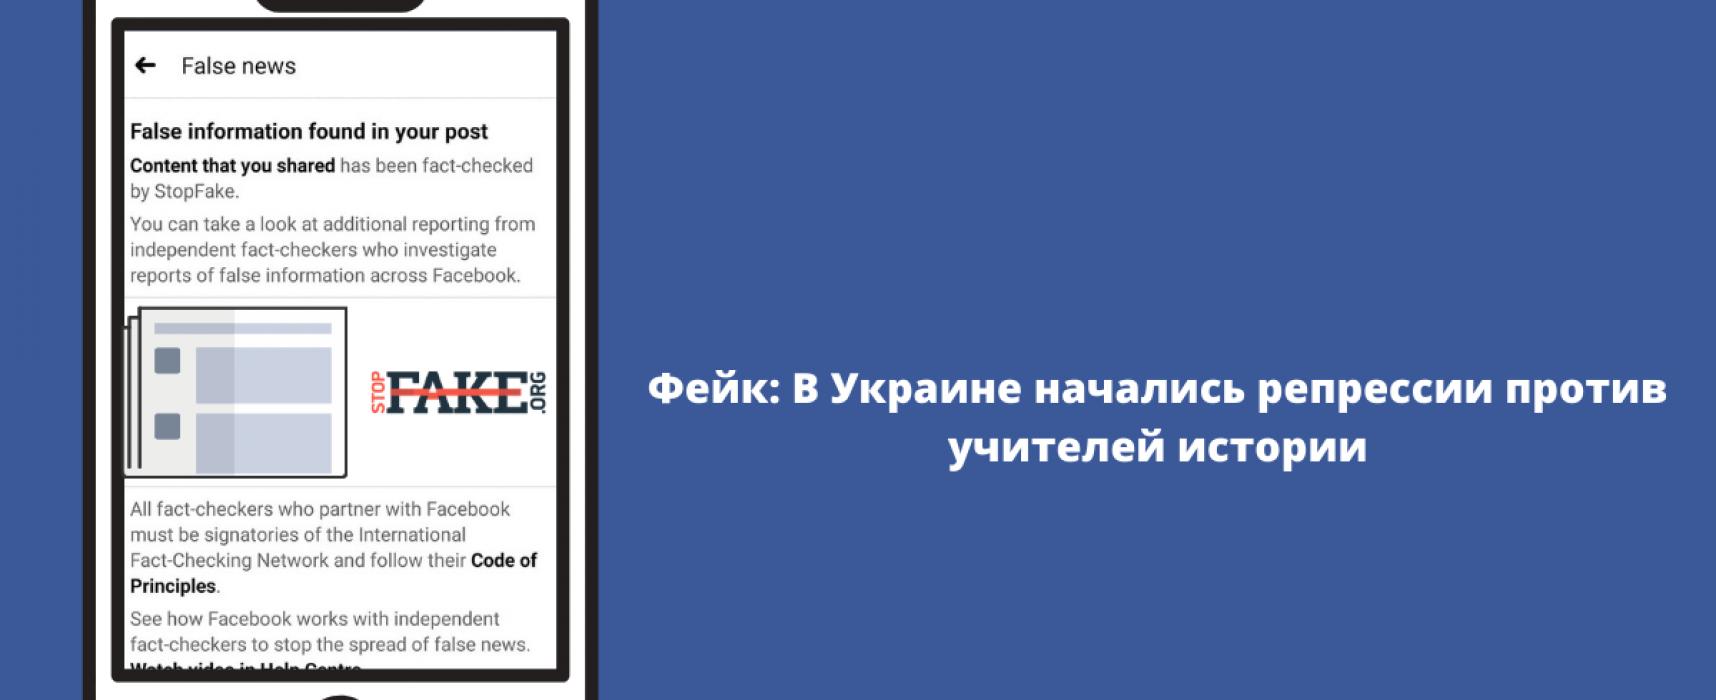 Фейк: В Украине начались репрессии против учителей истории